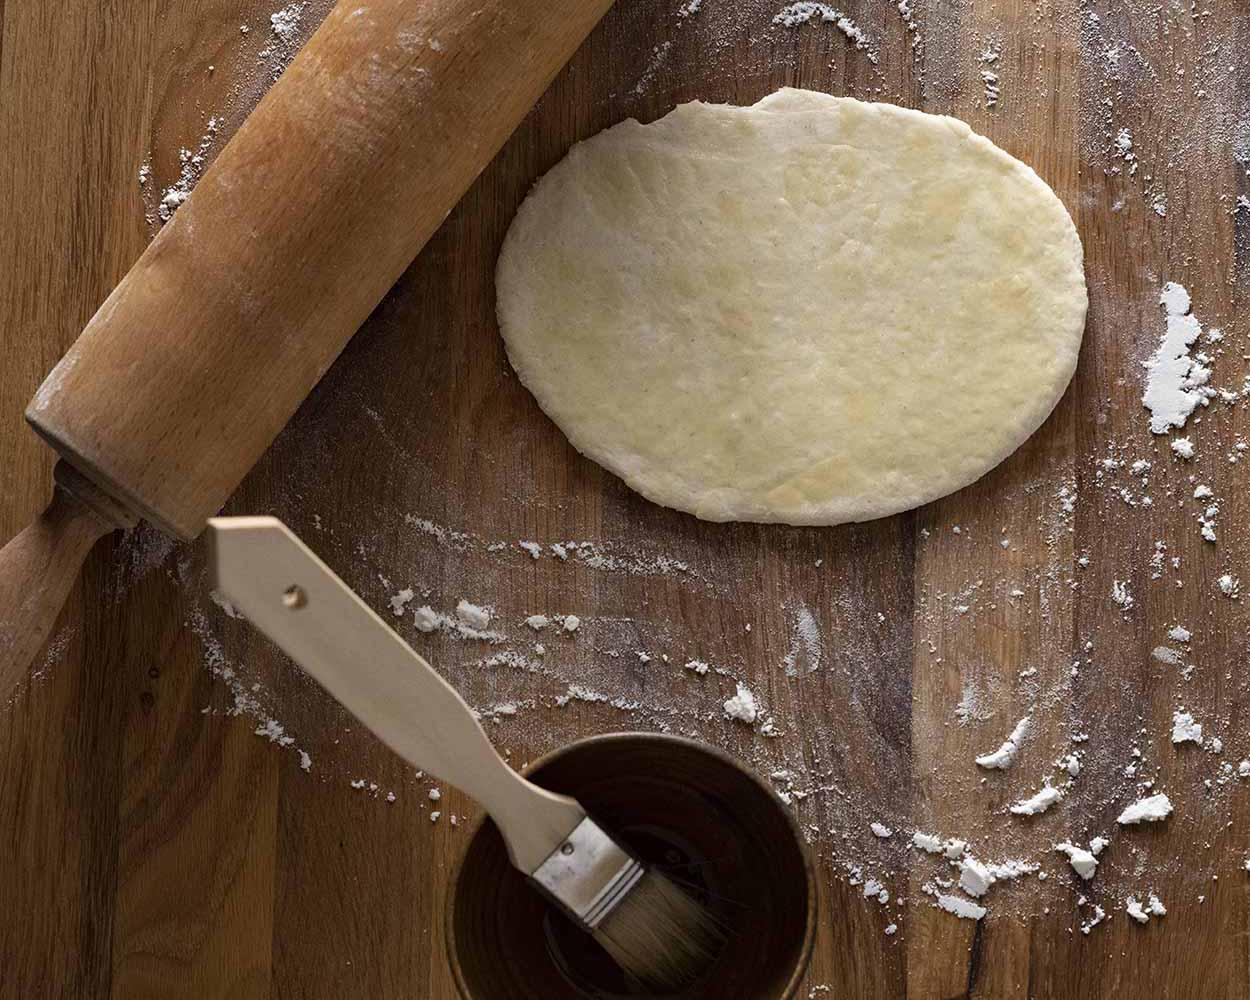 Wir streichen das erste Naan Brot vor dem Backen auf der Oberfläche mit etwas Öl ein.